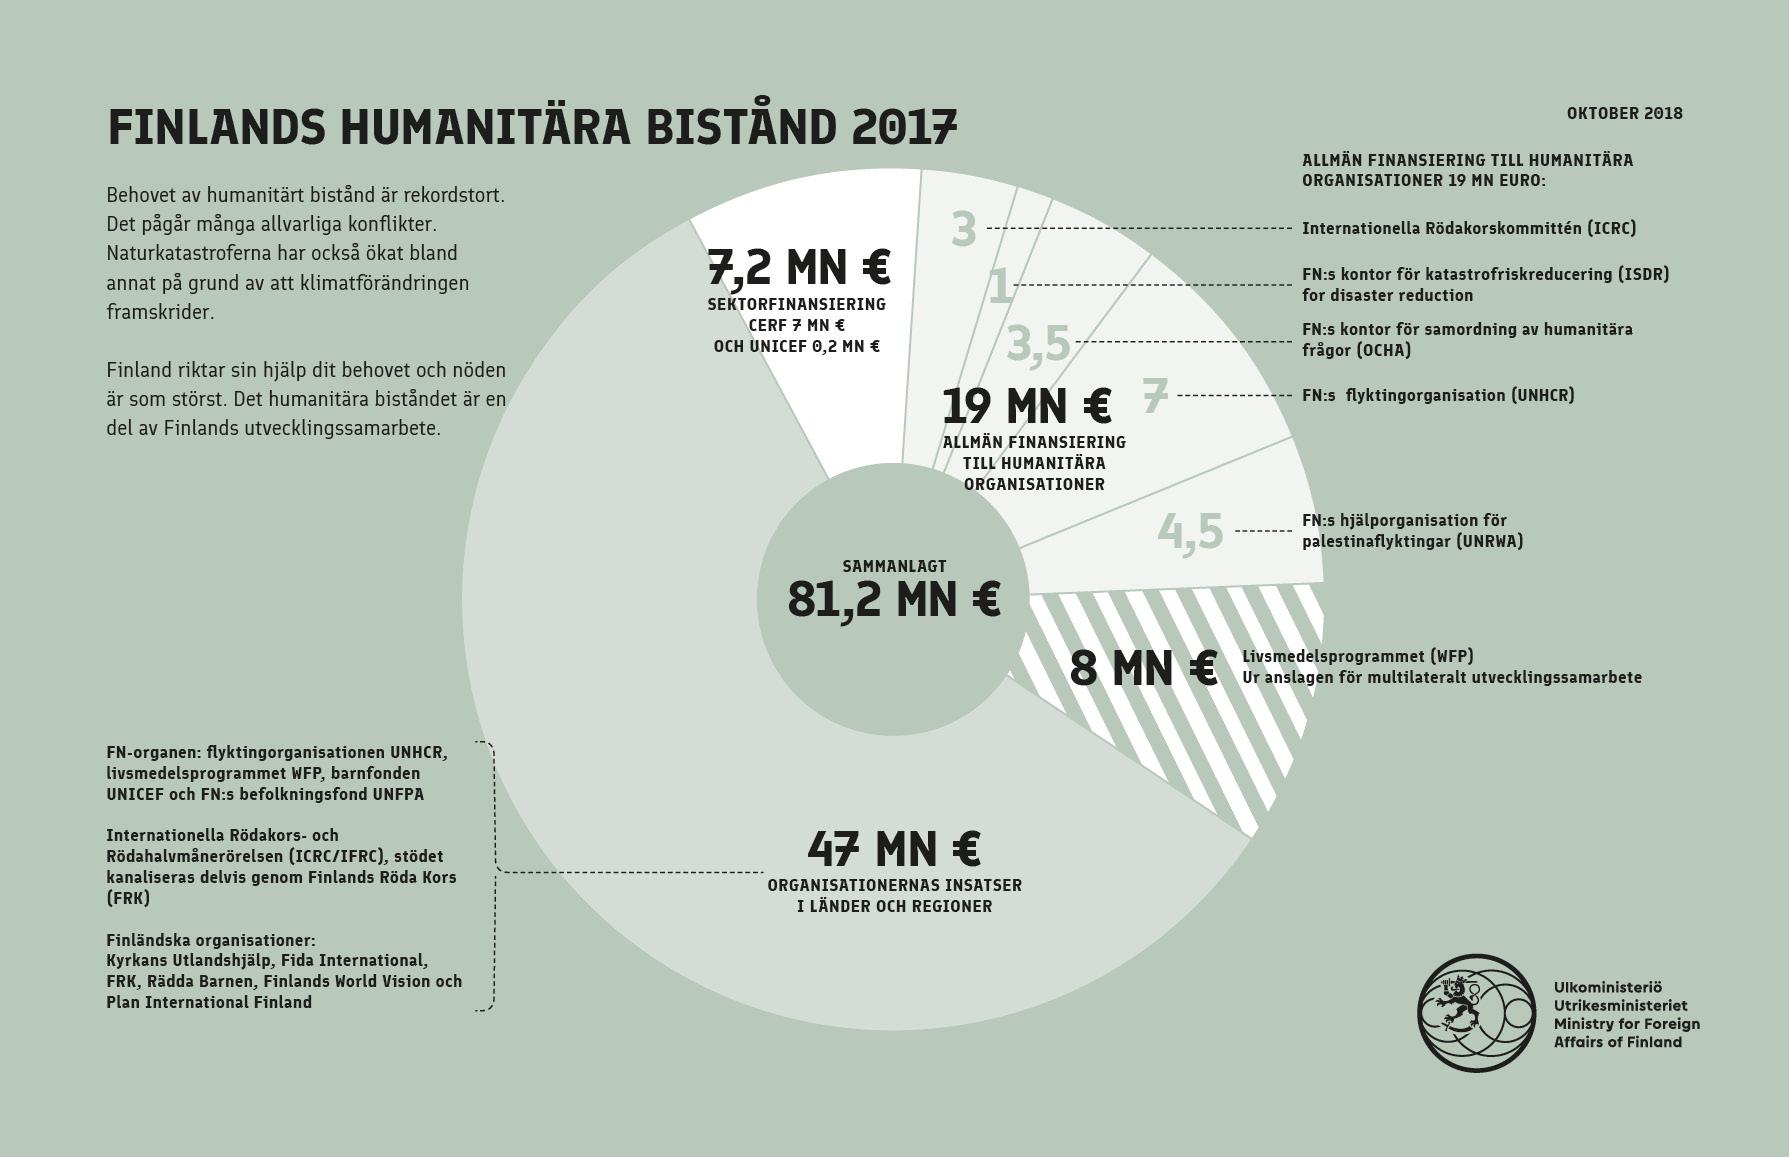 Svenskt bistand finansierar krig 3